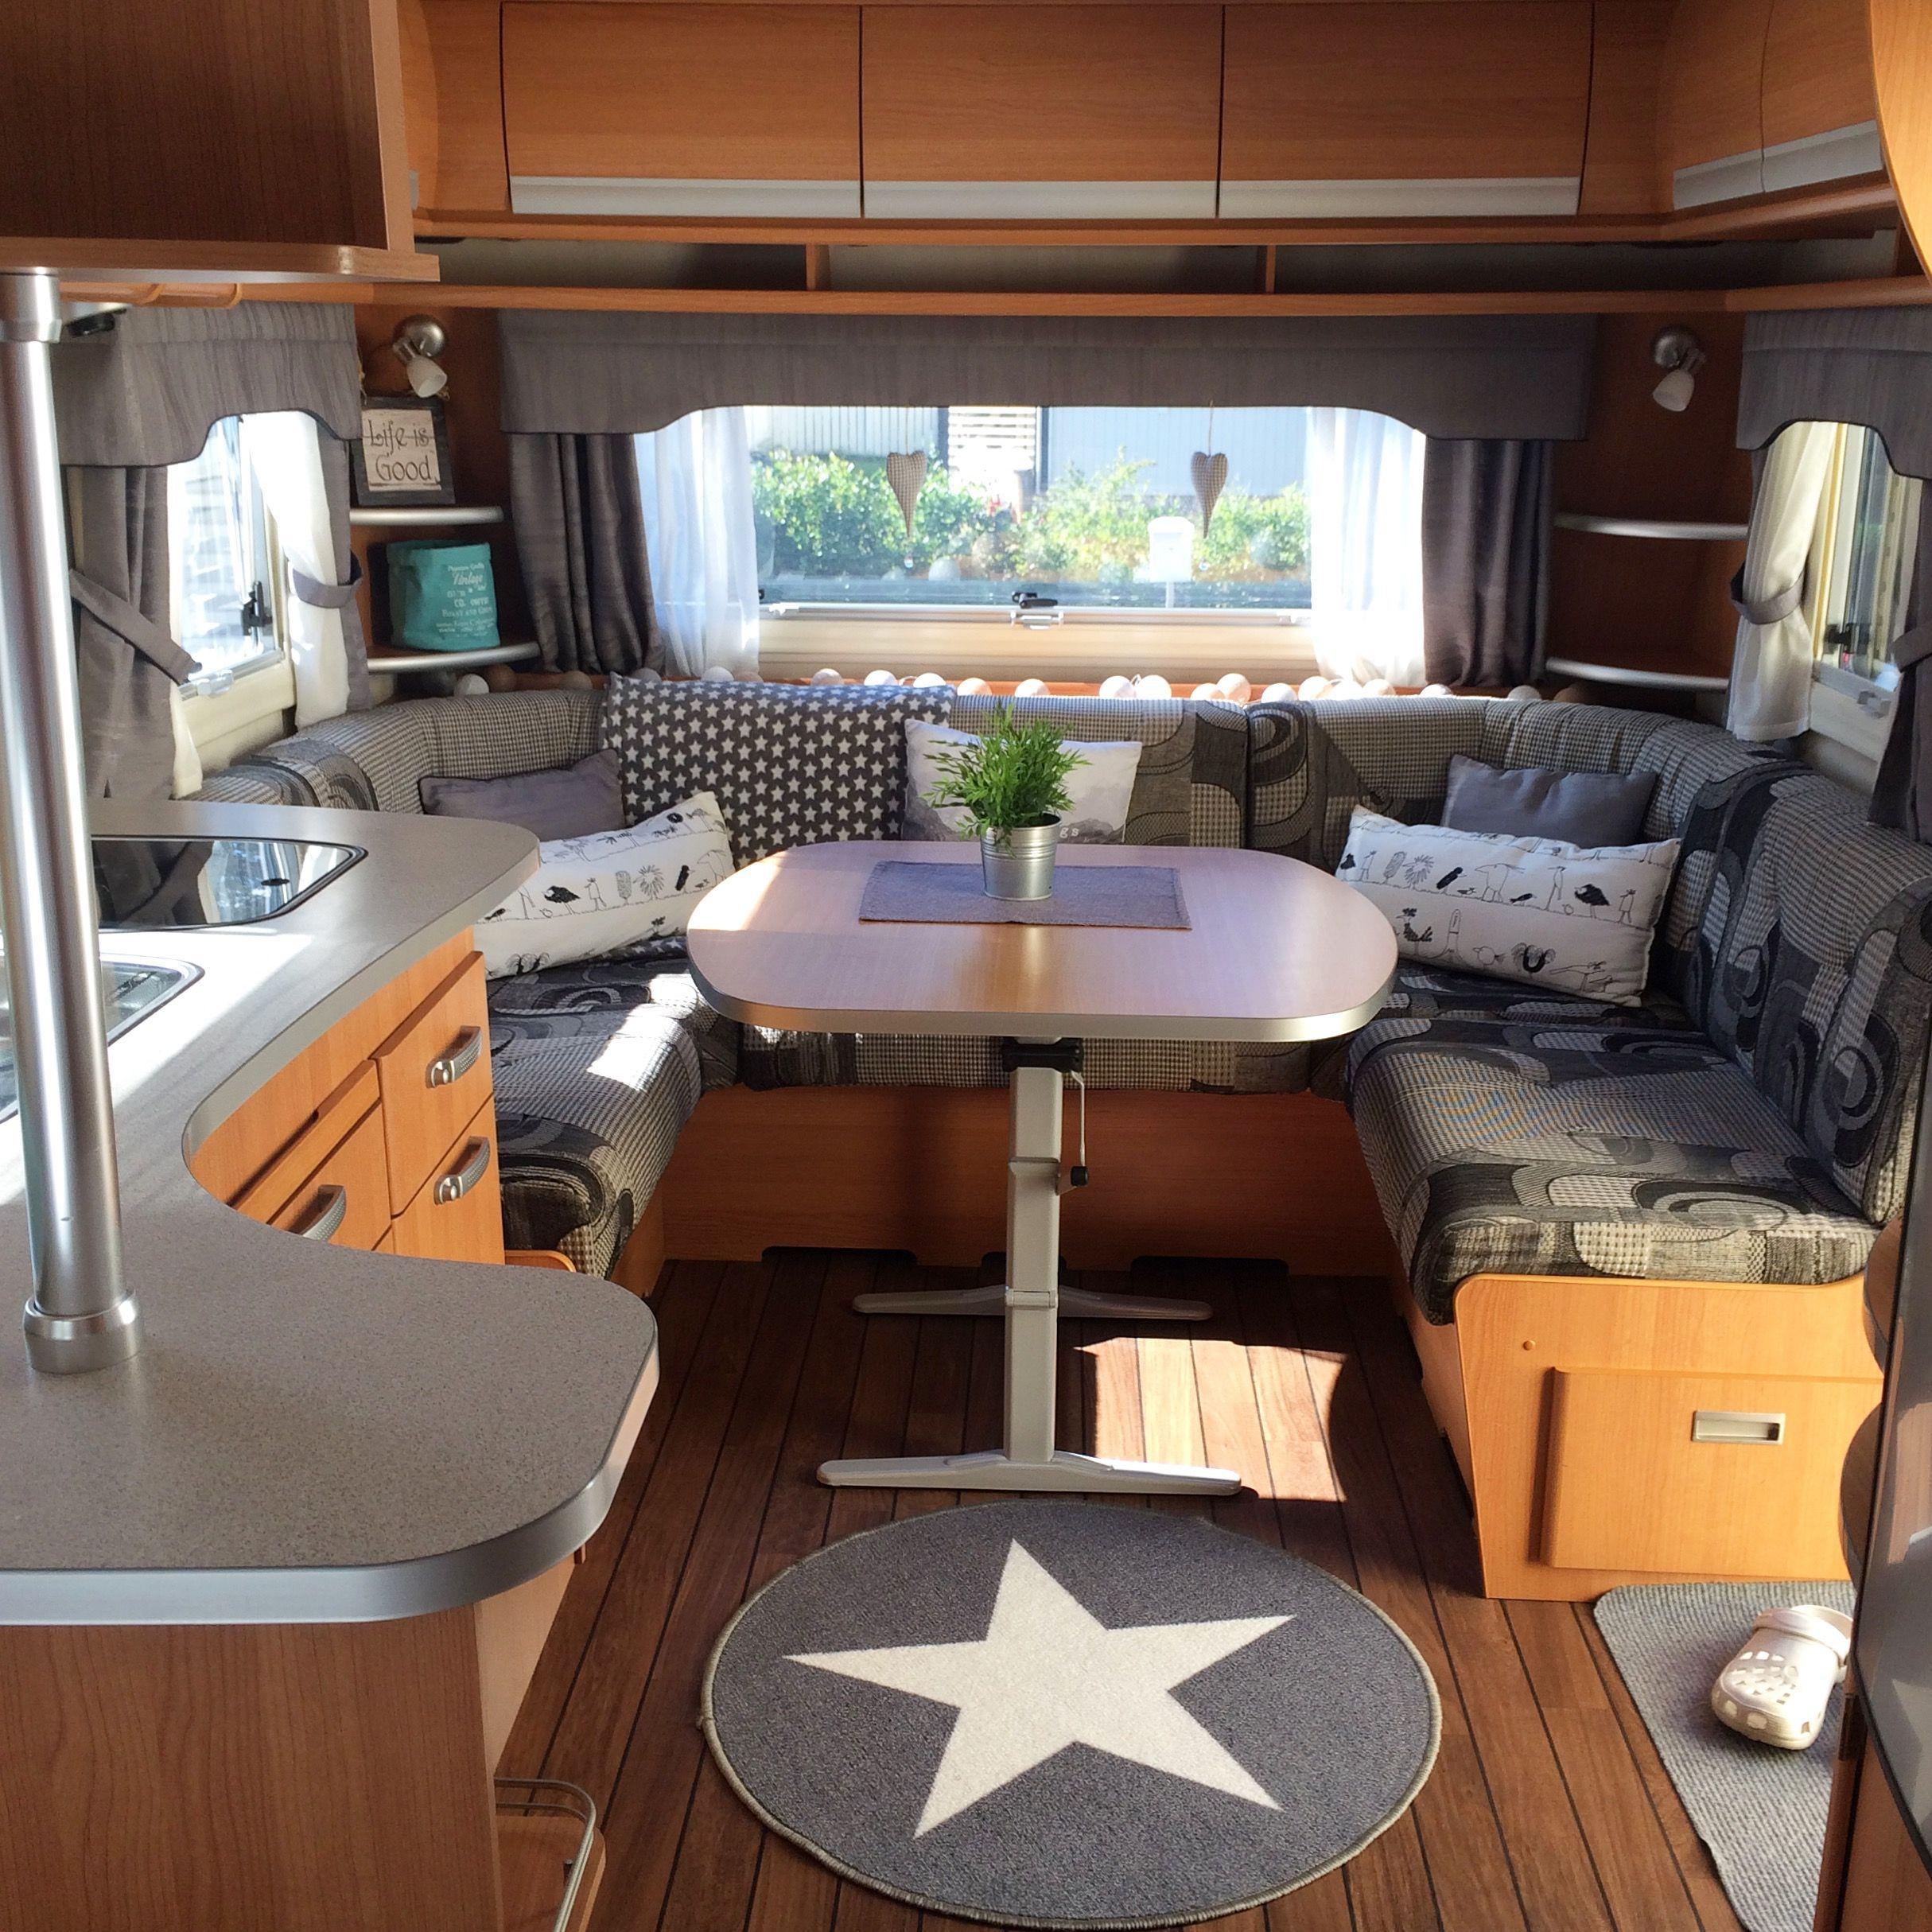 Our New Caravan Wohnwagen Tabbert Wohnwagen Renovieren Wohnen